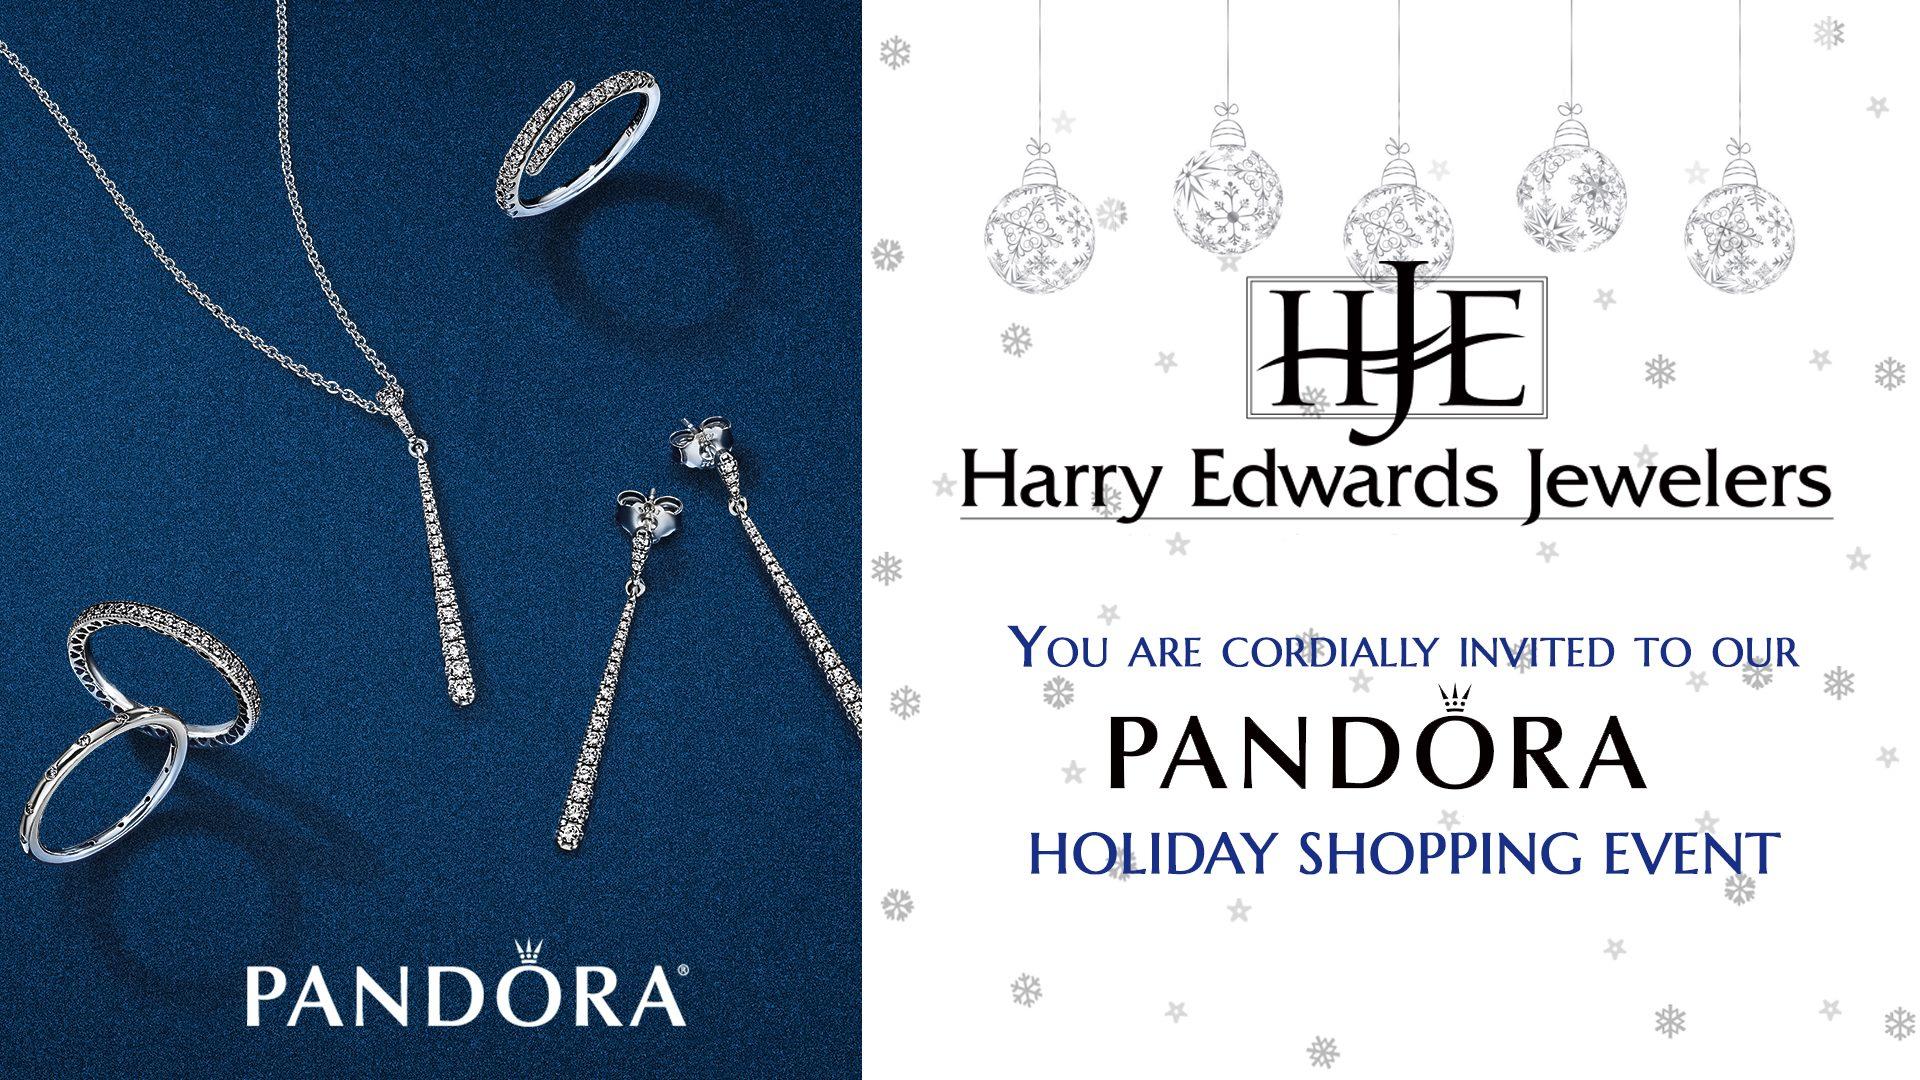 Harry Edwards Jewelers Pandora Holiday Shopping Event